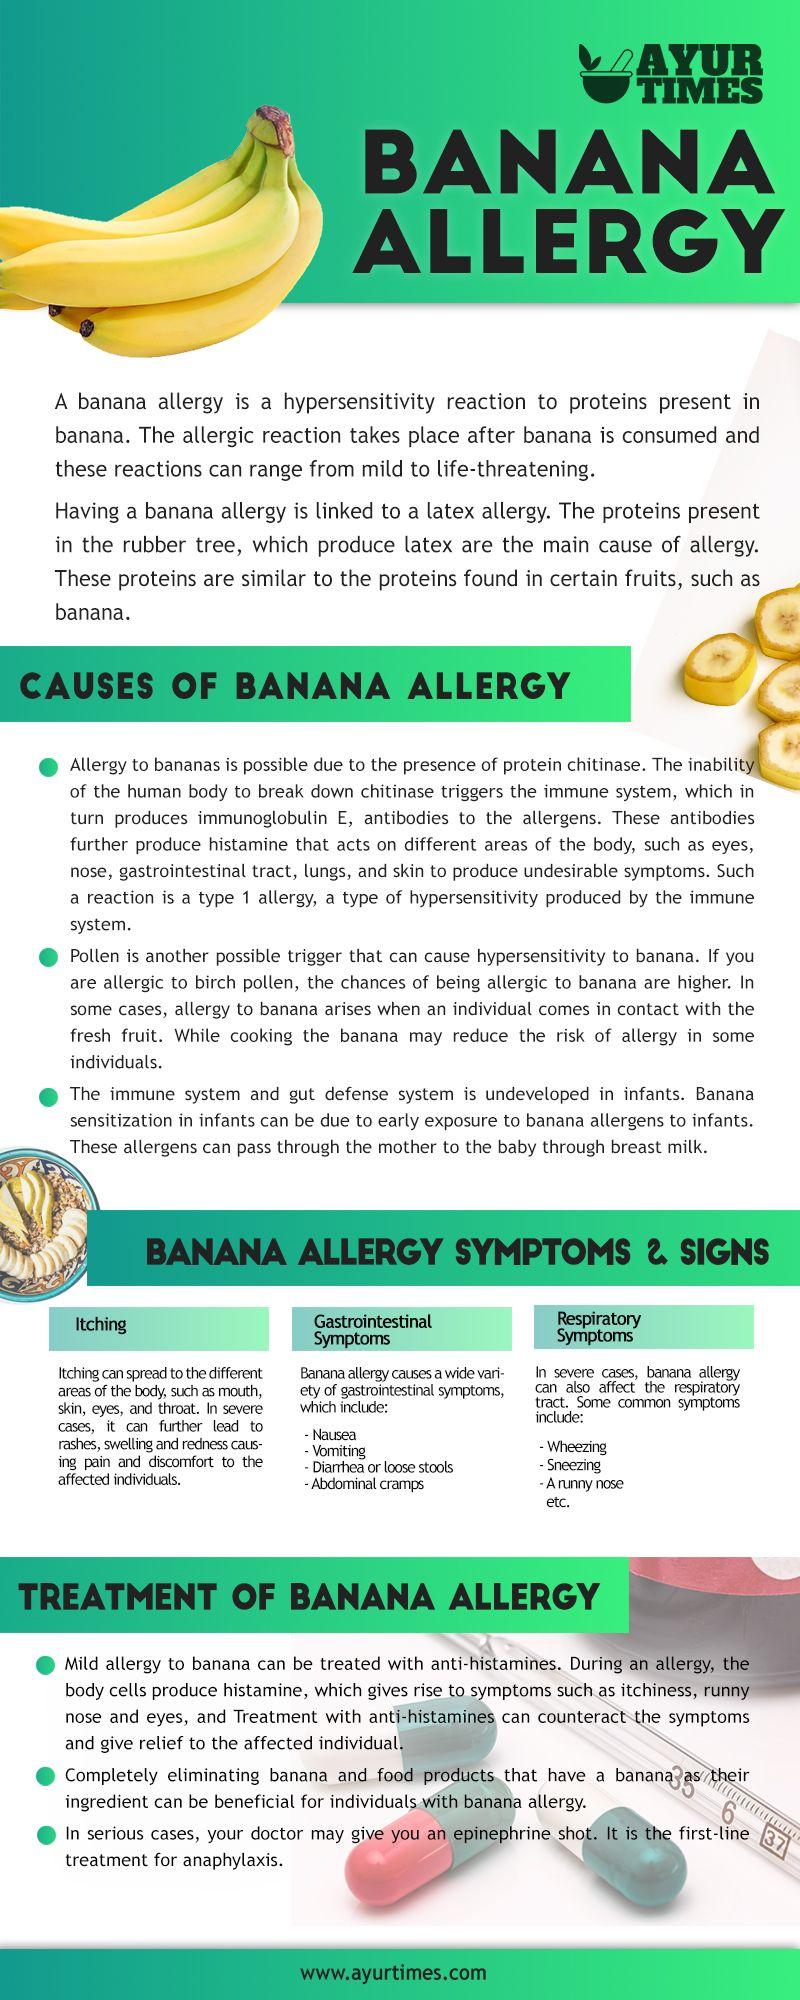 banan allergi symptom